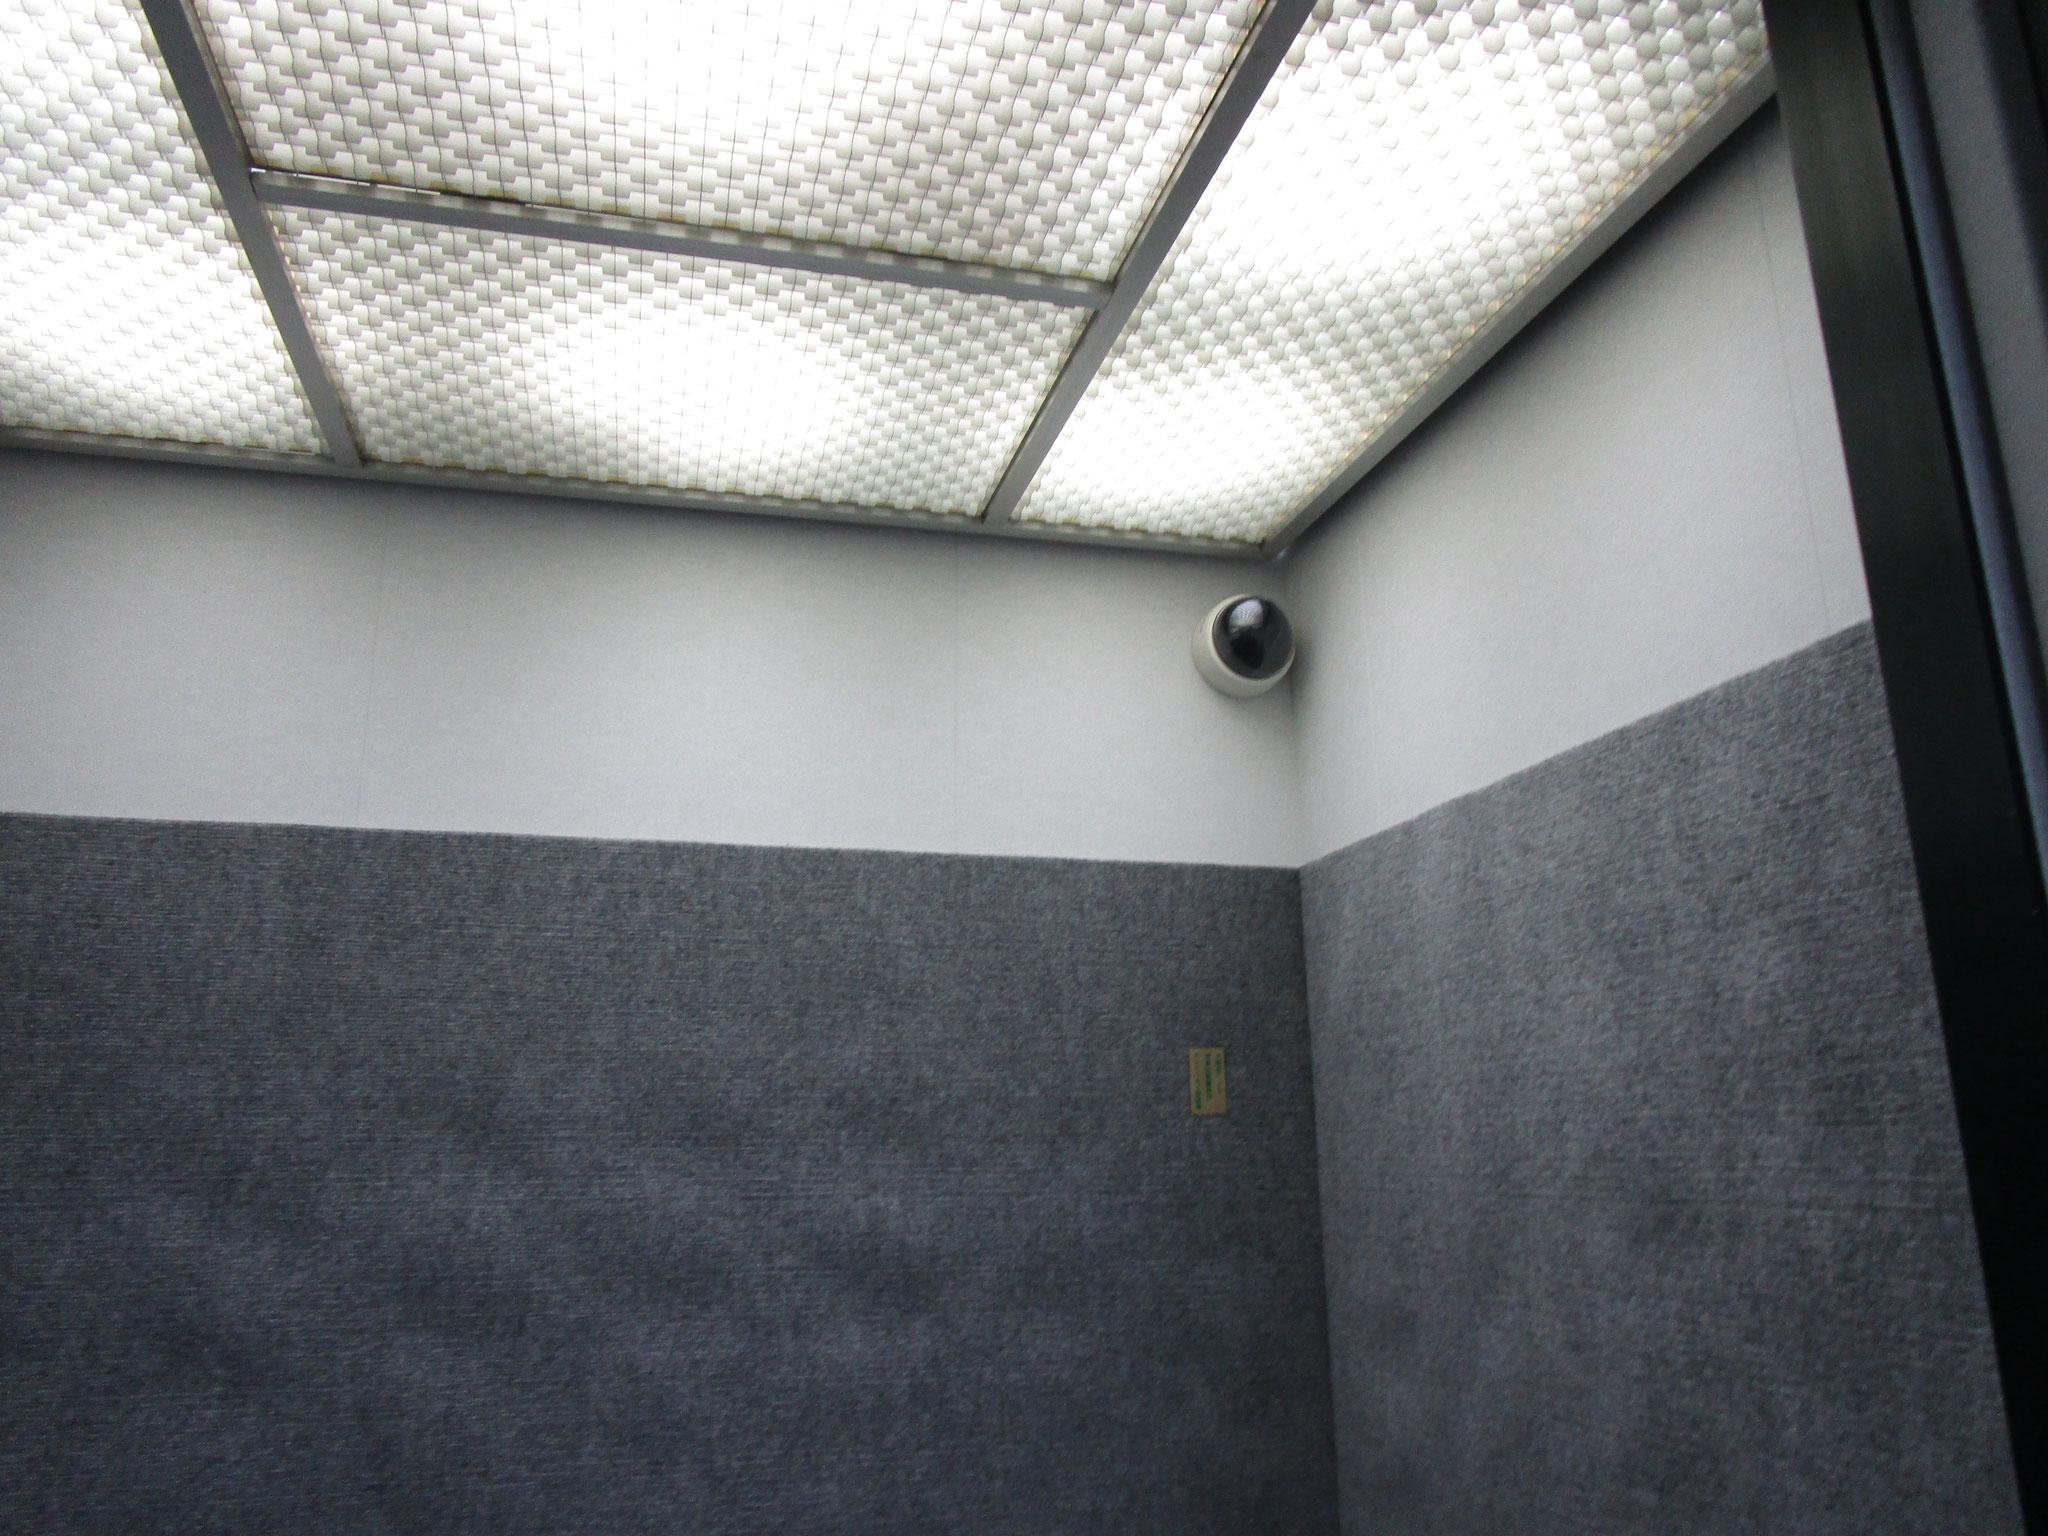 エレベーター内に防犯カメラ設置